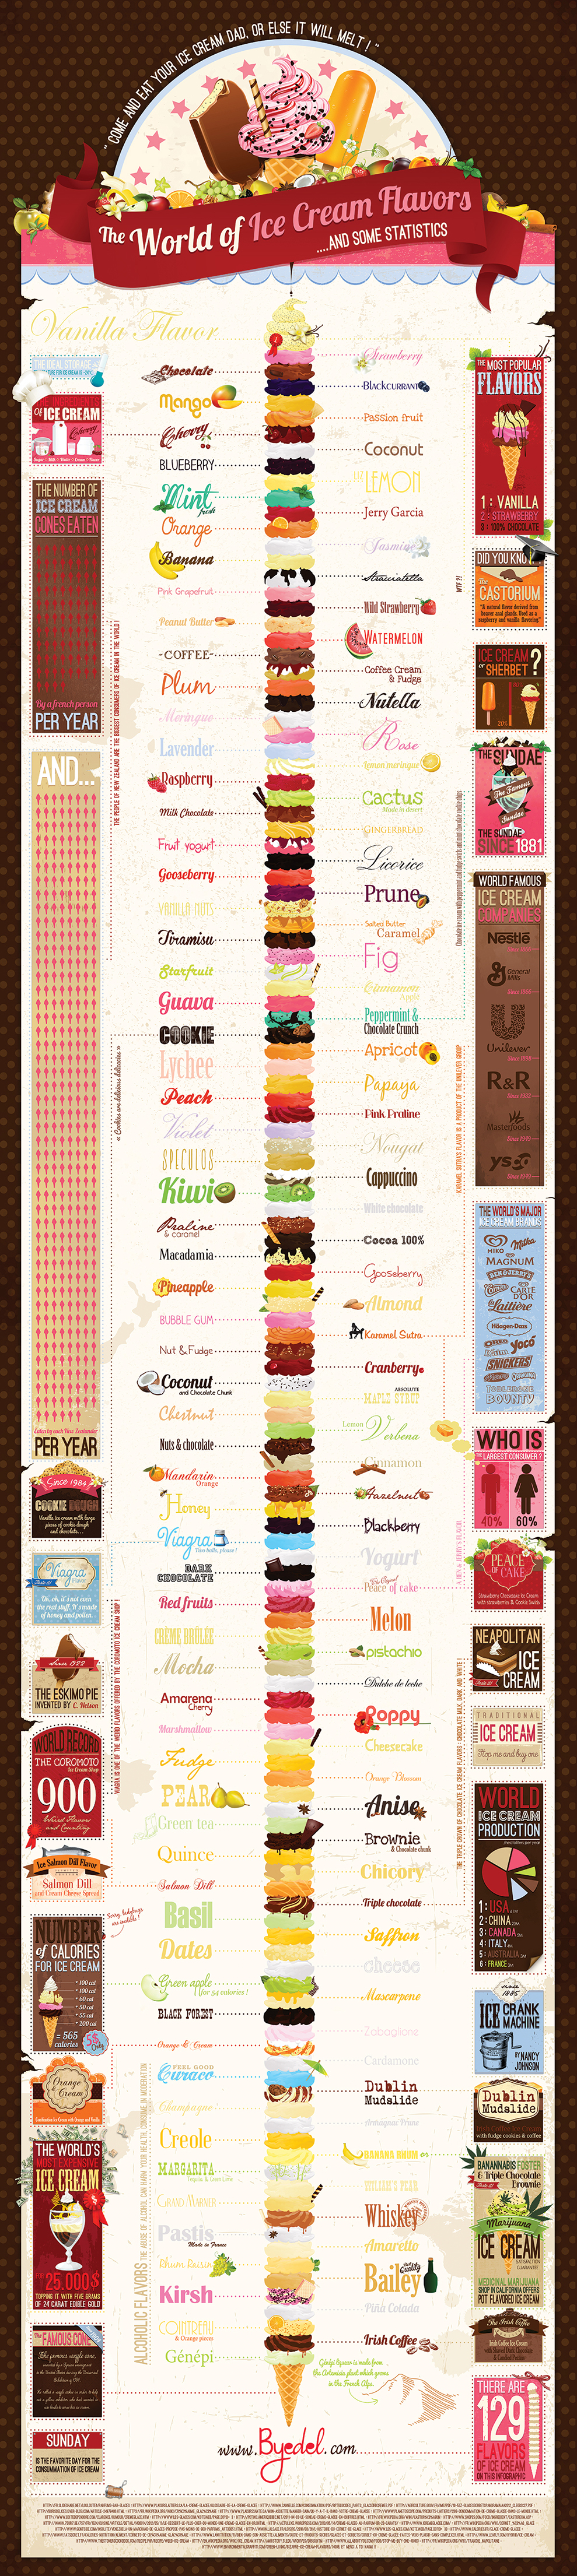 byedel_infographic_ice_cream